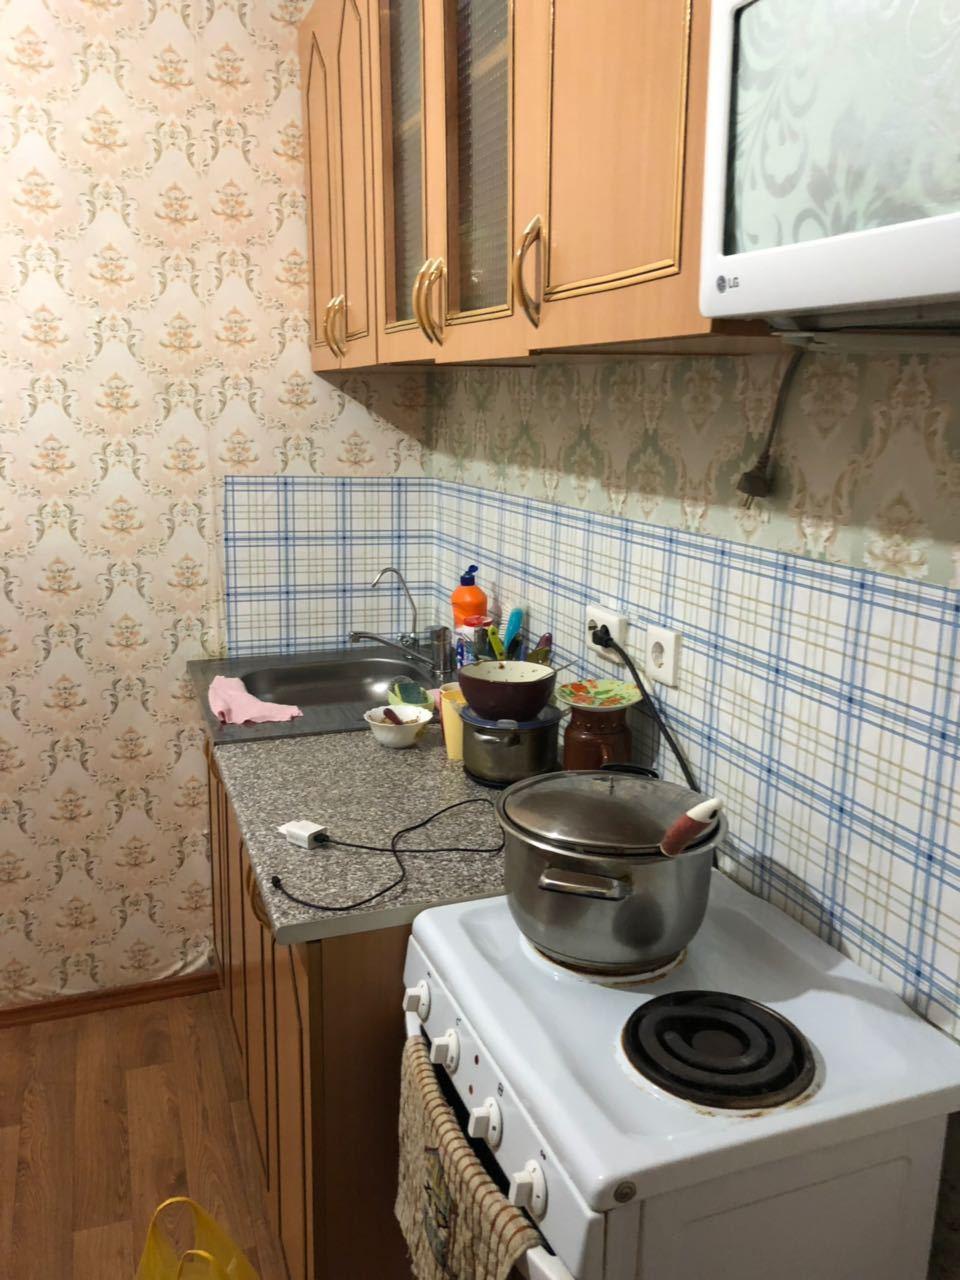 44 В Якутске женщина с четырьмя детьми оказалась под угрозой выселения после смерти мужа